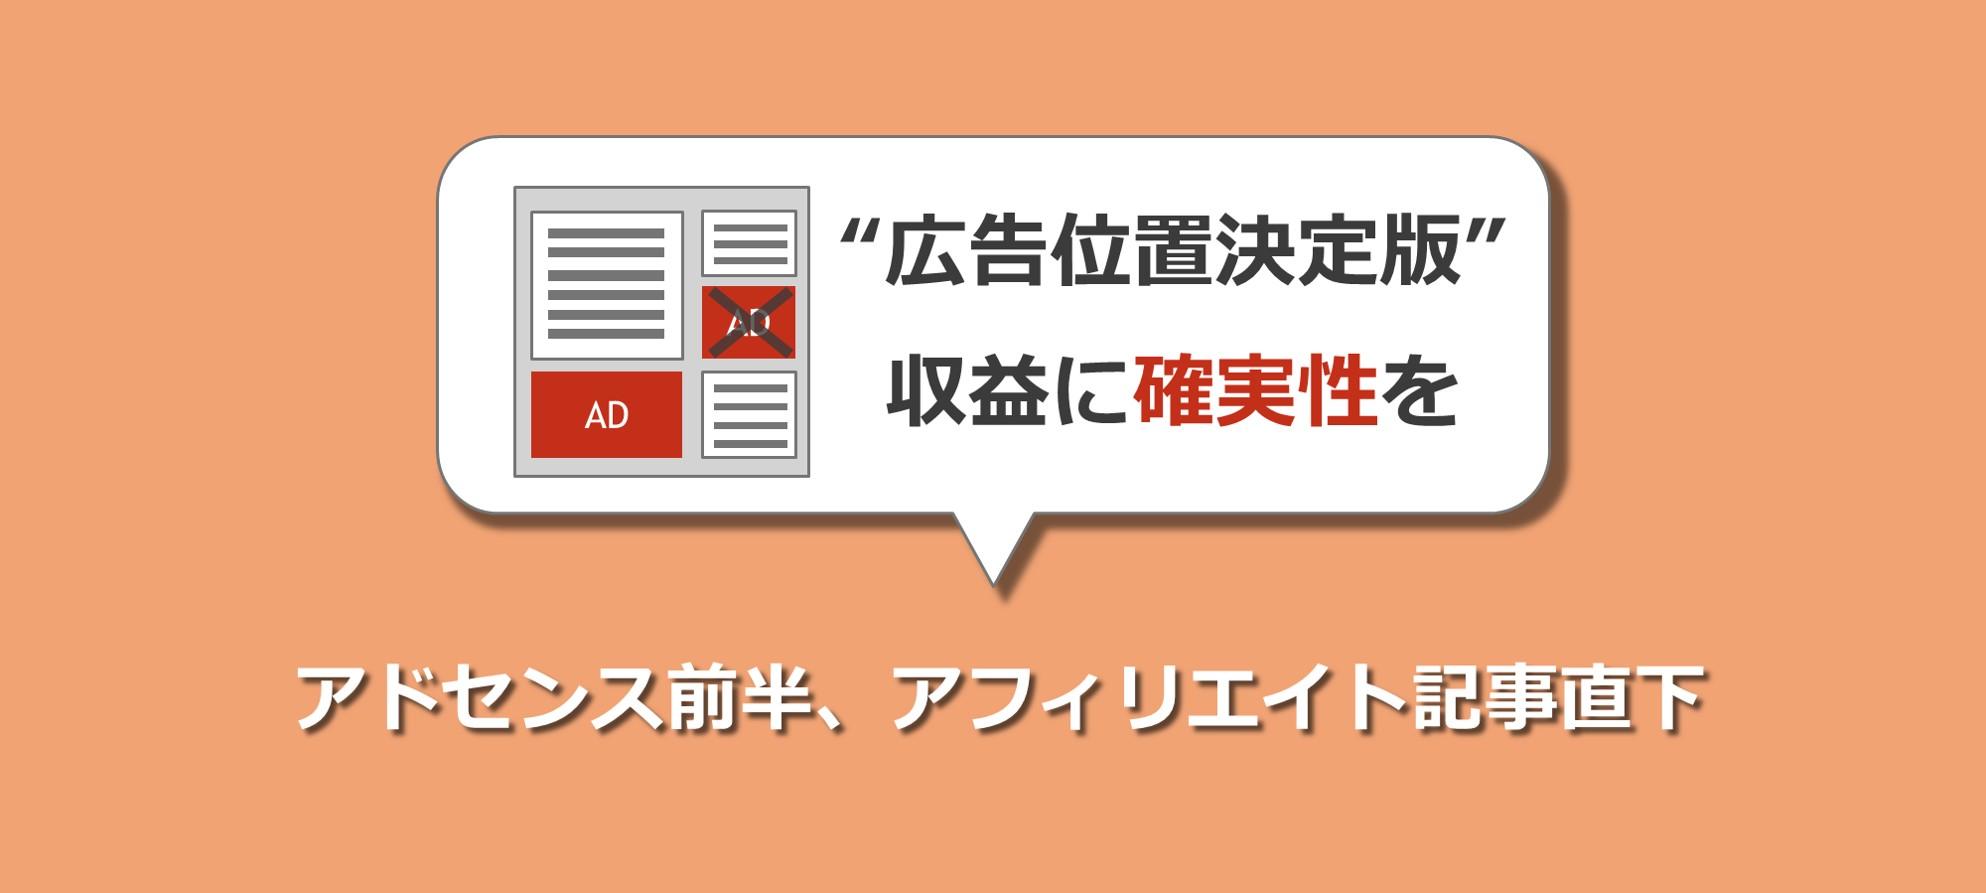 広告配置はアドセンスなら前半集中でアフィリエイトなら記事本文直下